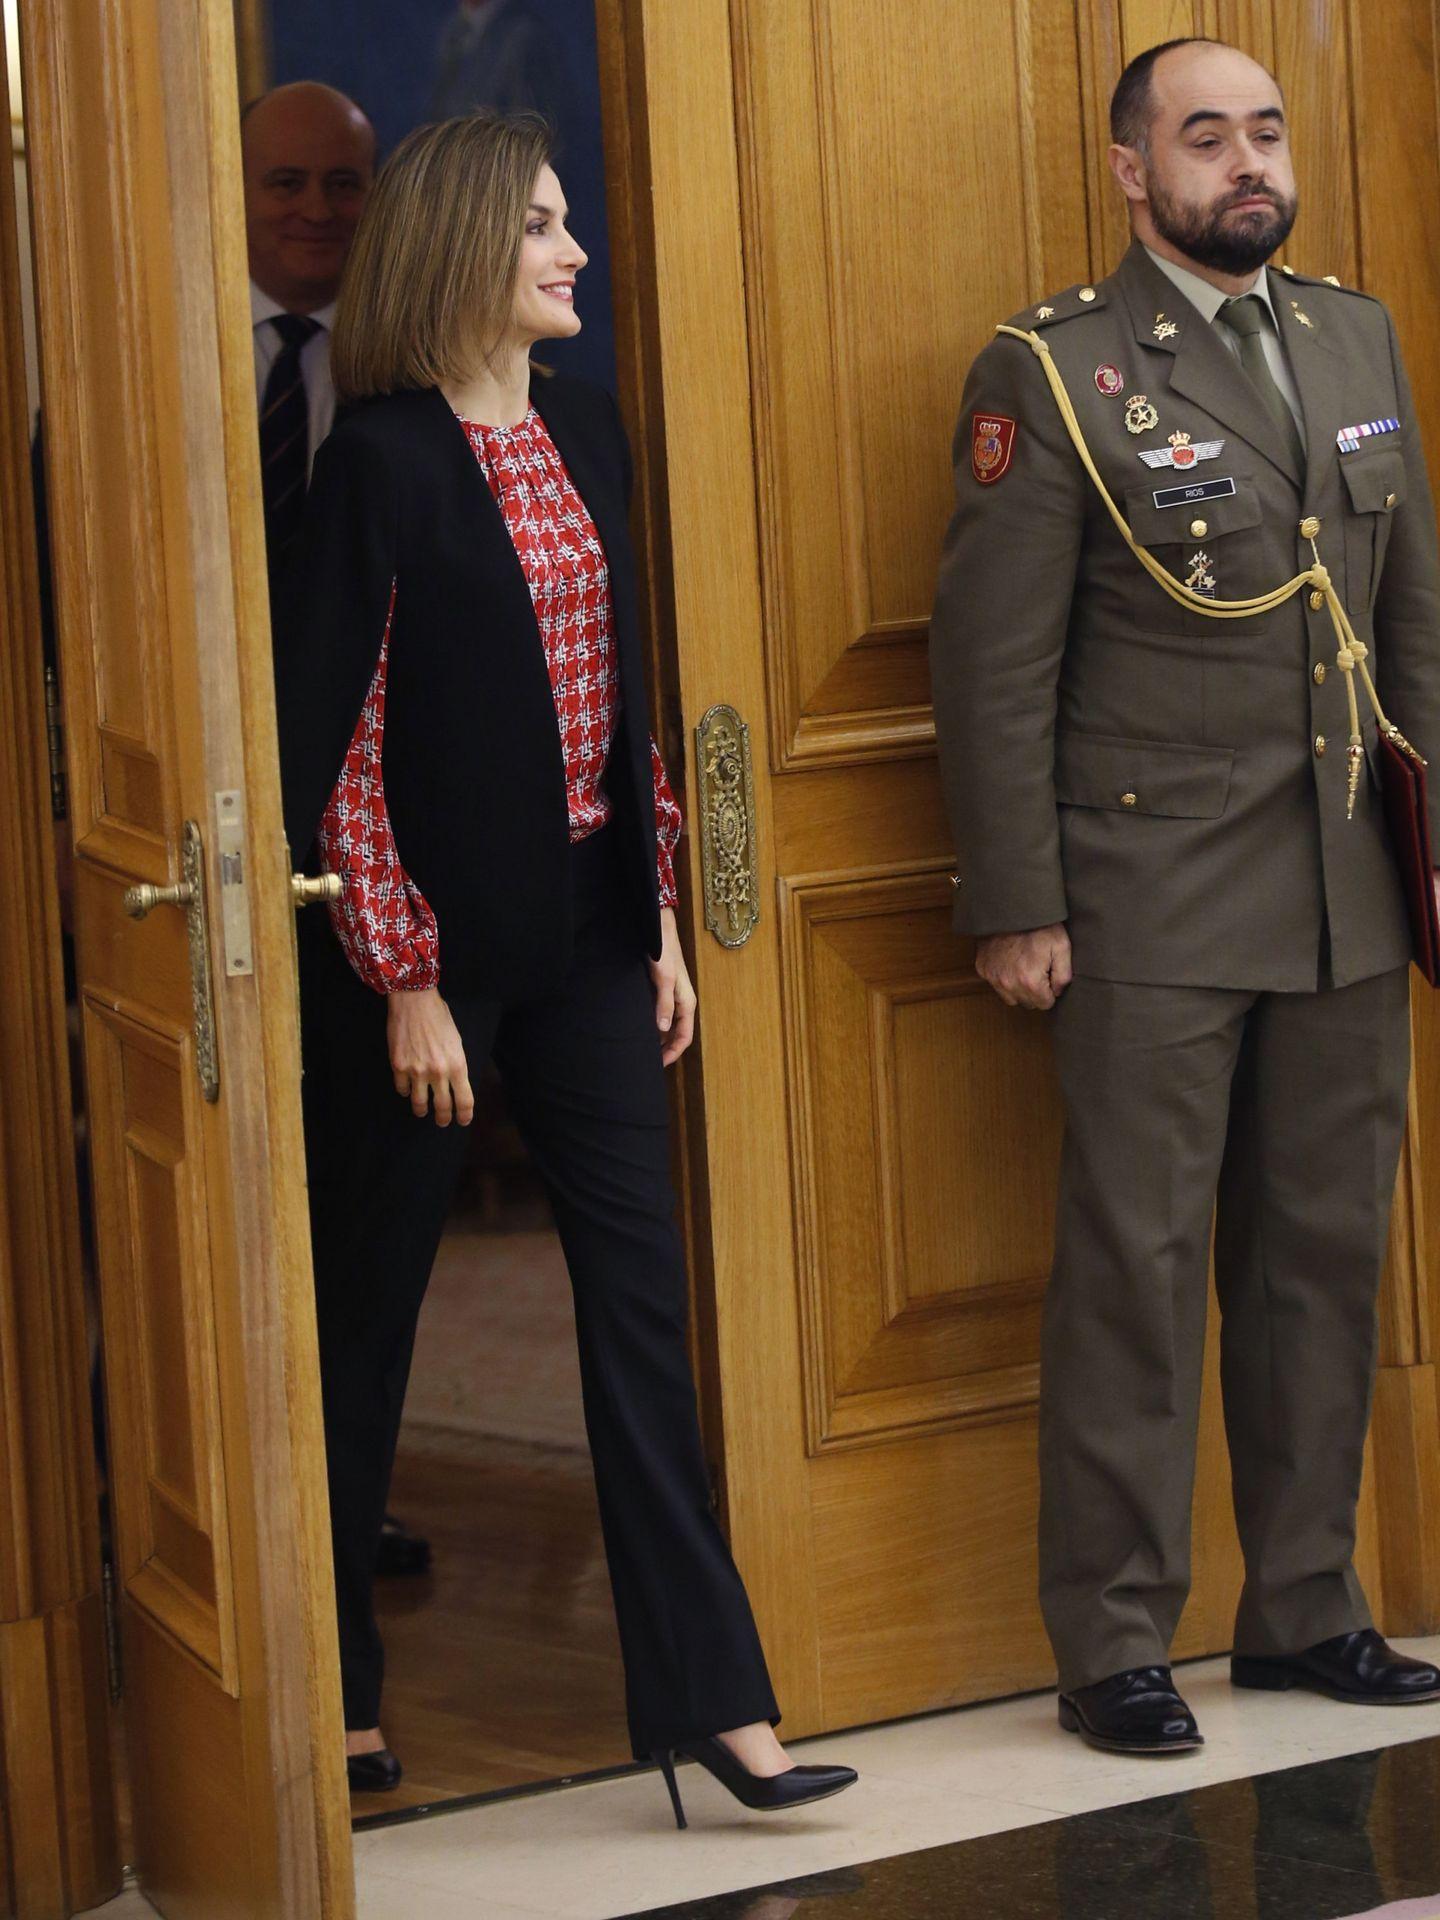 La Reina en el Palacio de la Zarzuela con la capa. (EFE)